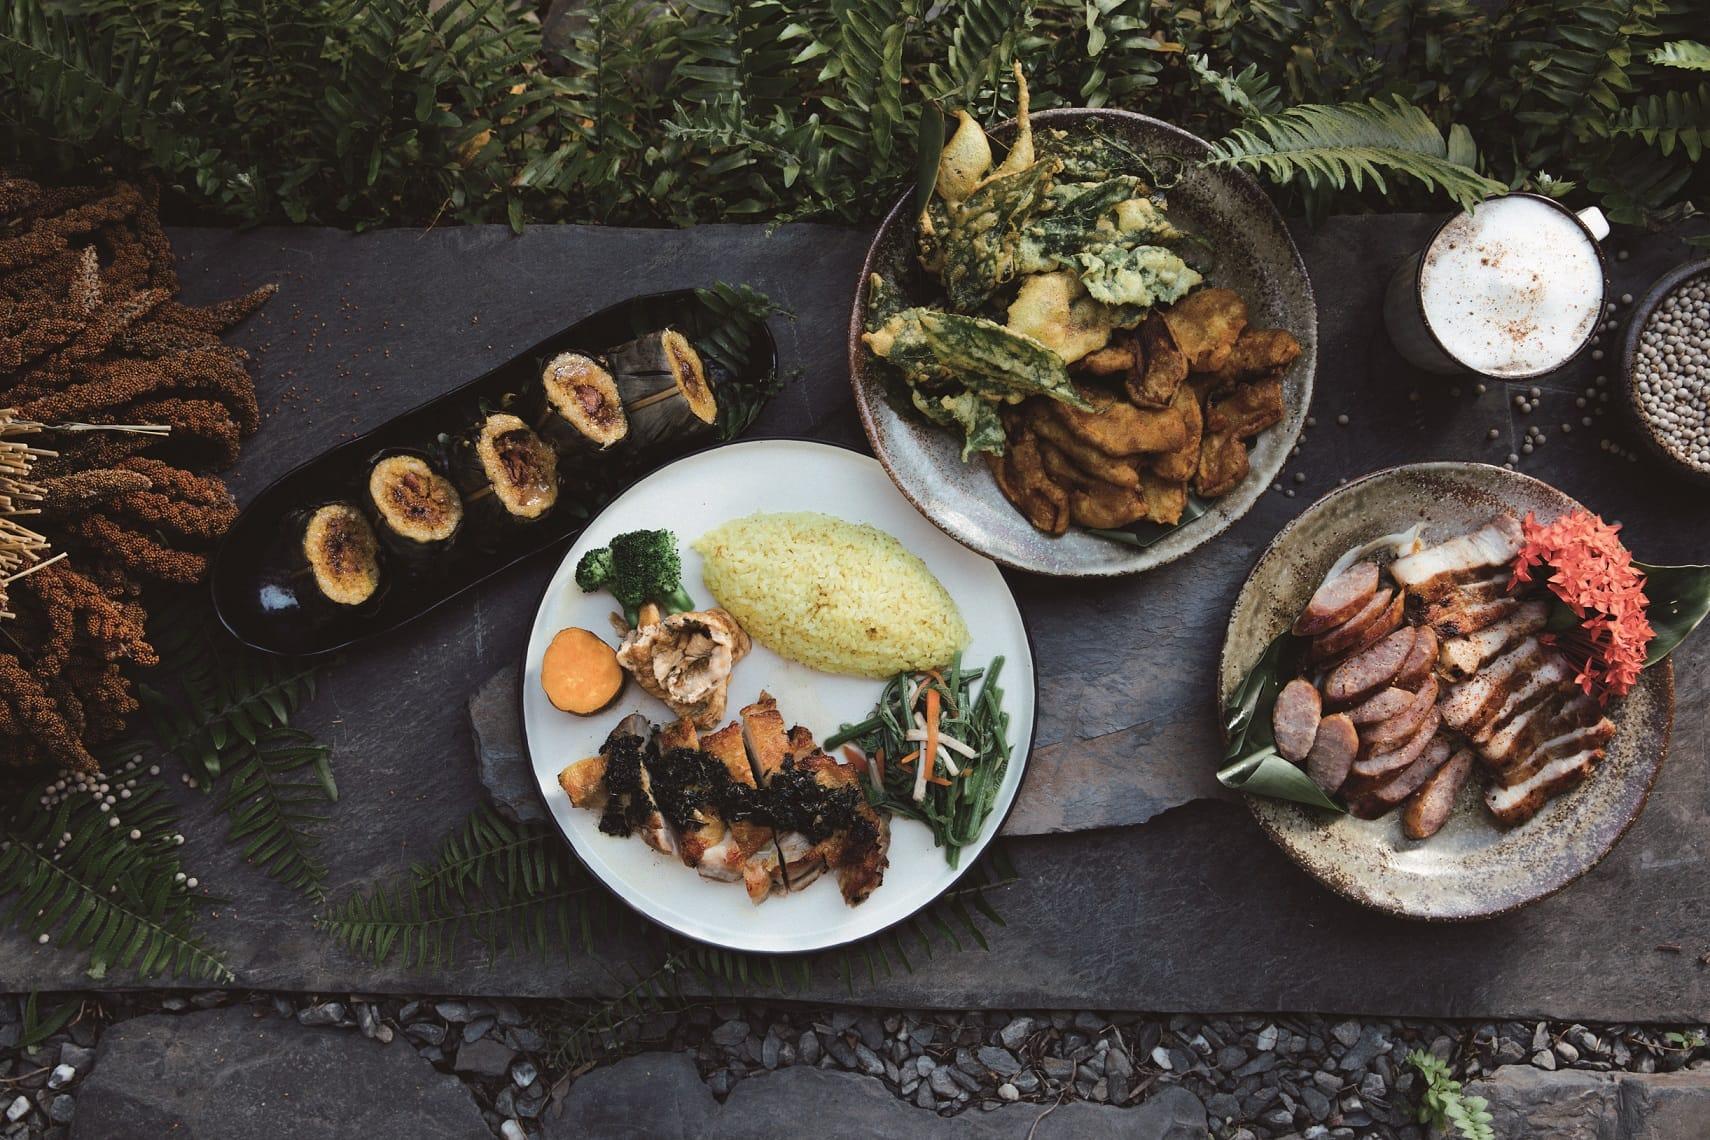 慢食臺東 Slow Food in Taitung